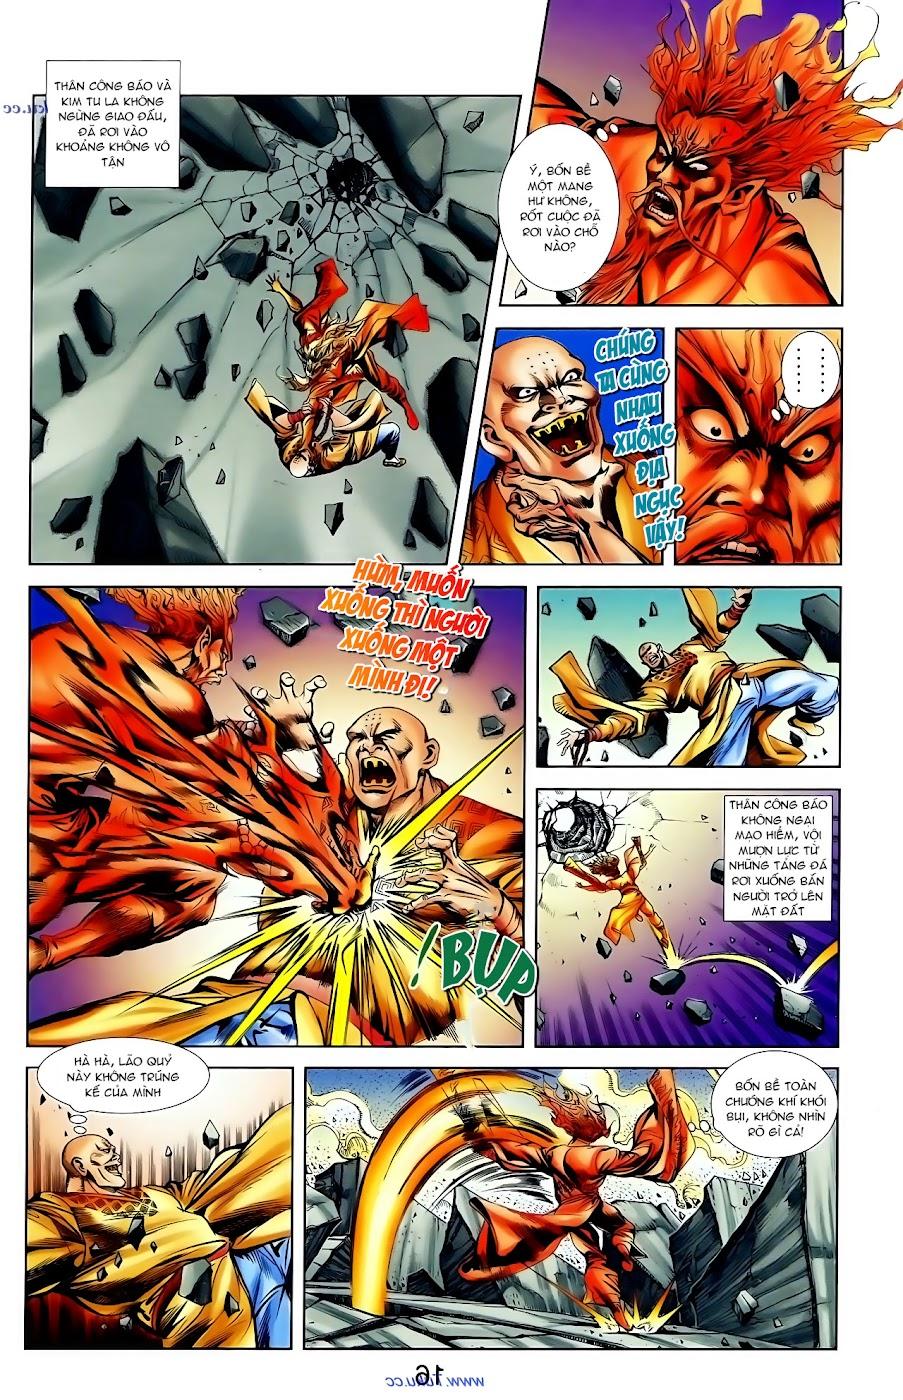 Cơ Phát Khai Chu Bản chapter 99 trang 10